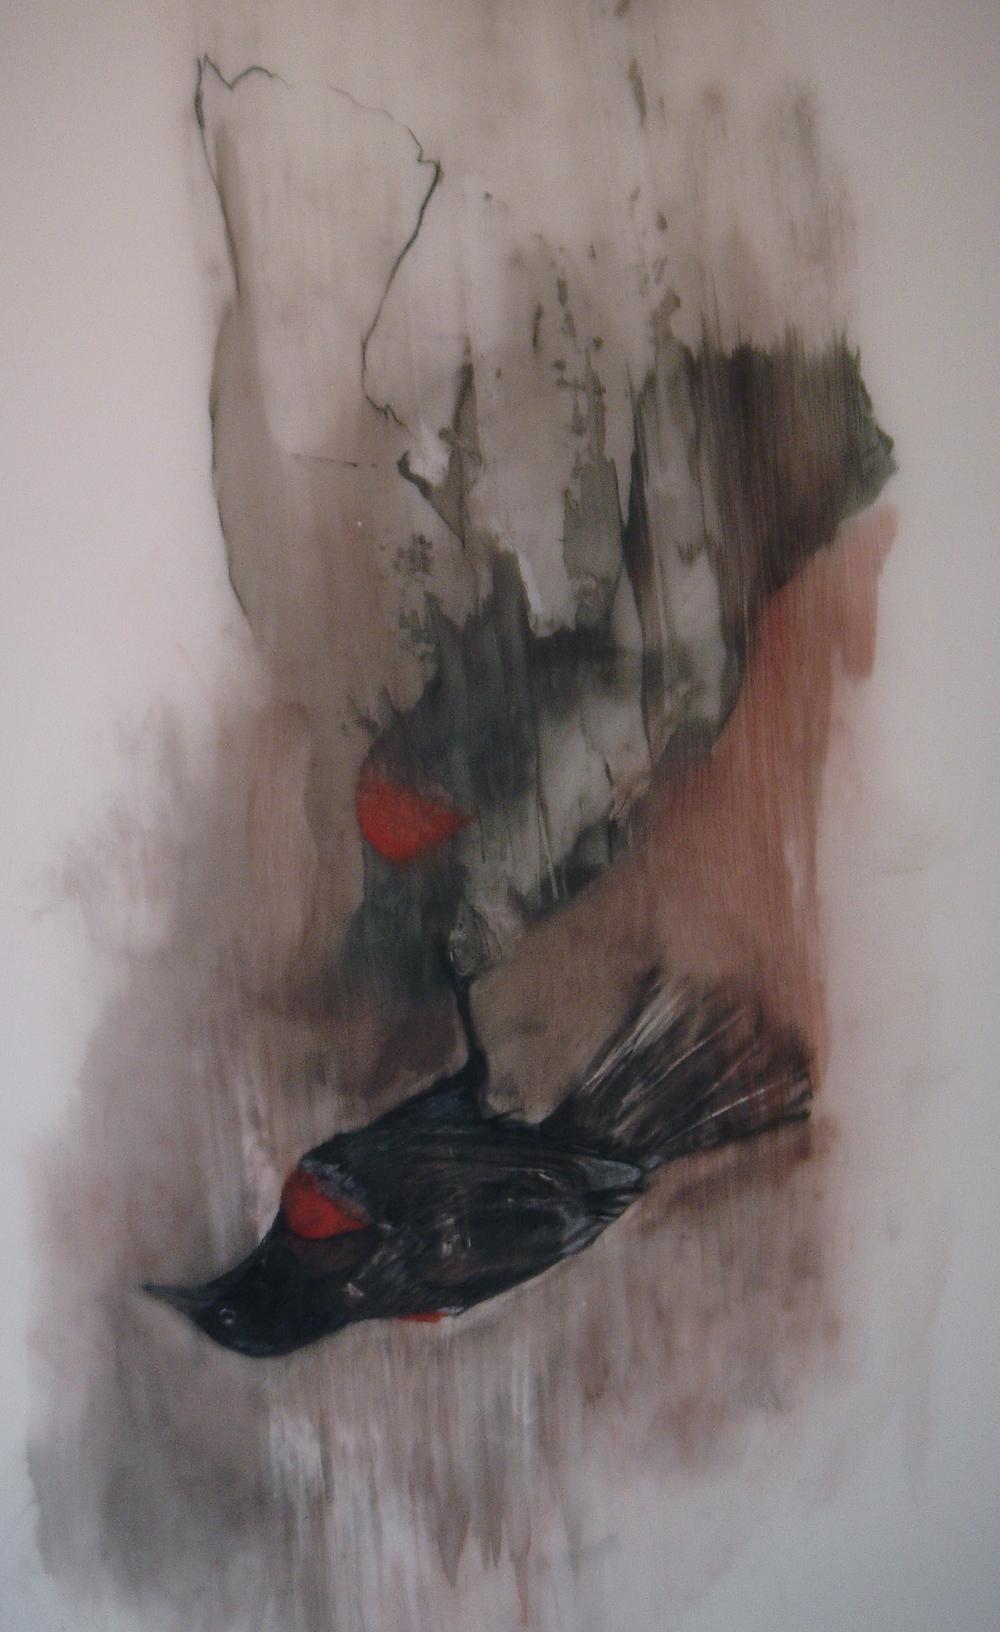 red wing.JPG